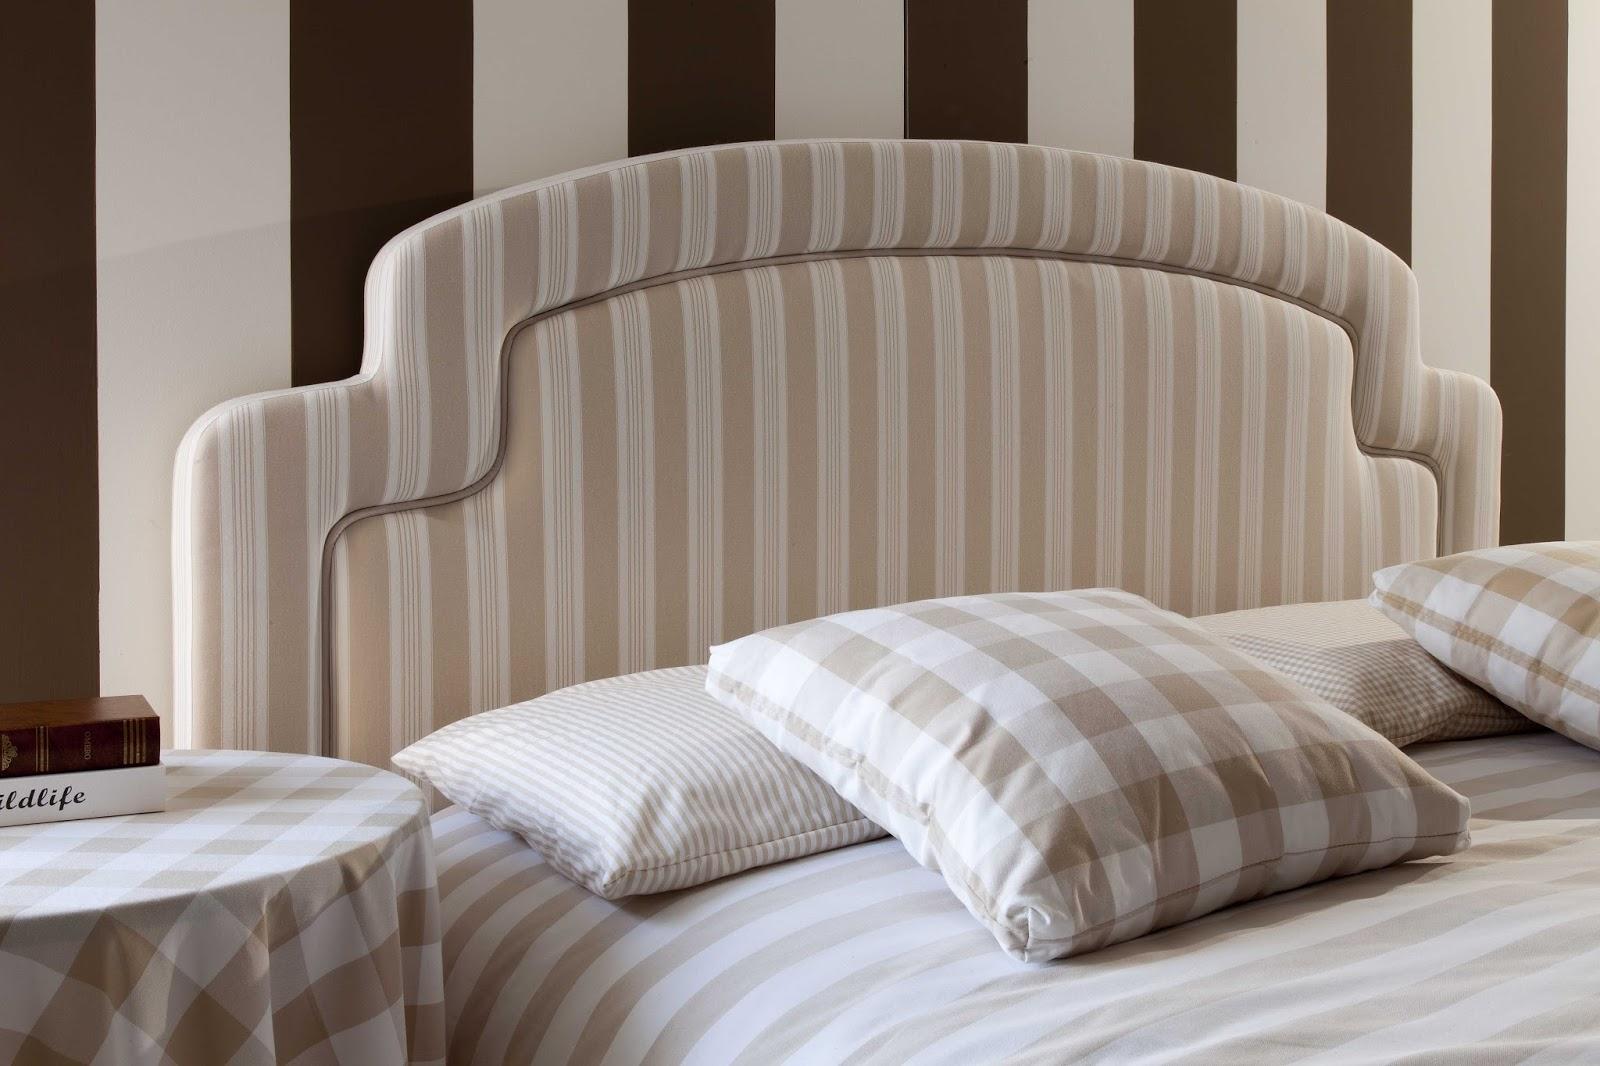 Santambrogio salotti produzione e vendita di divani e for Letti e divani